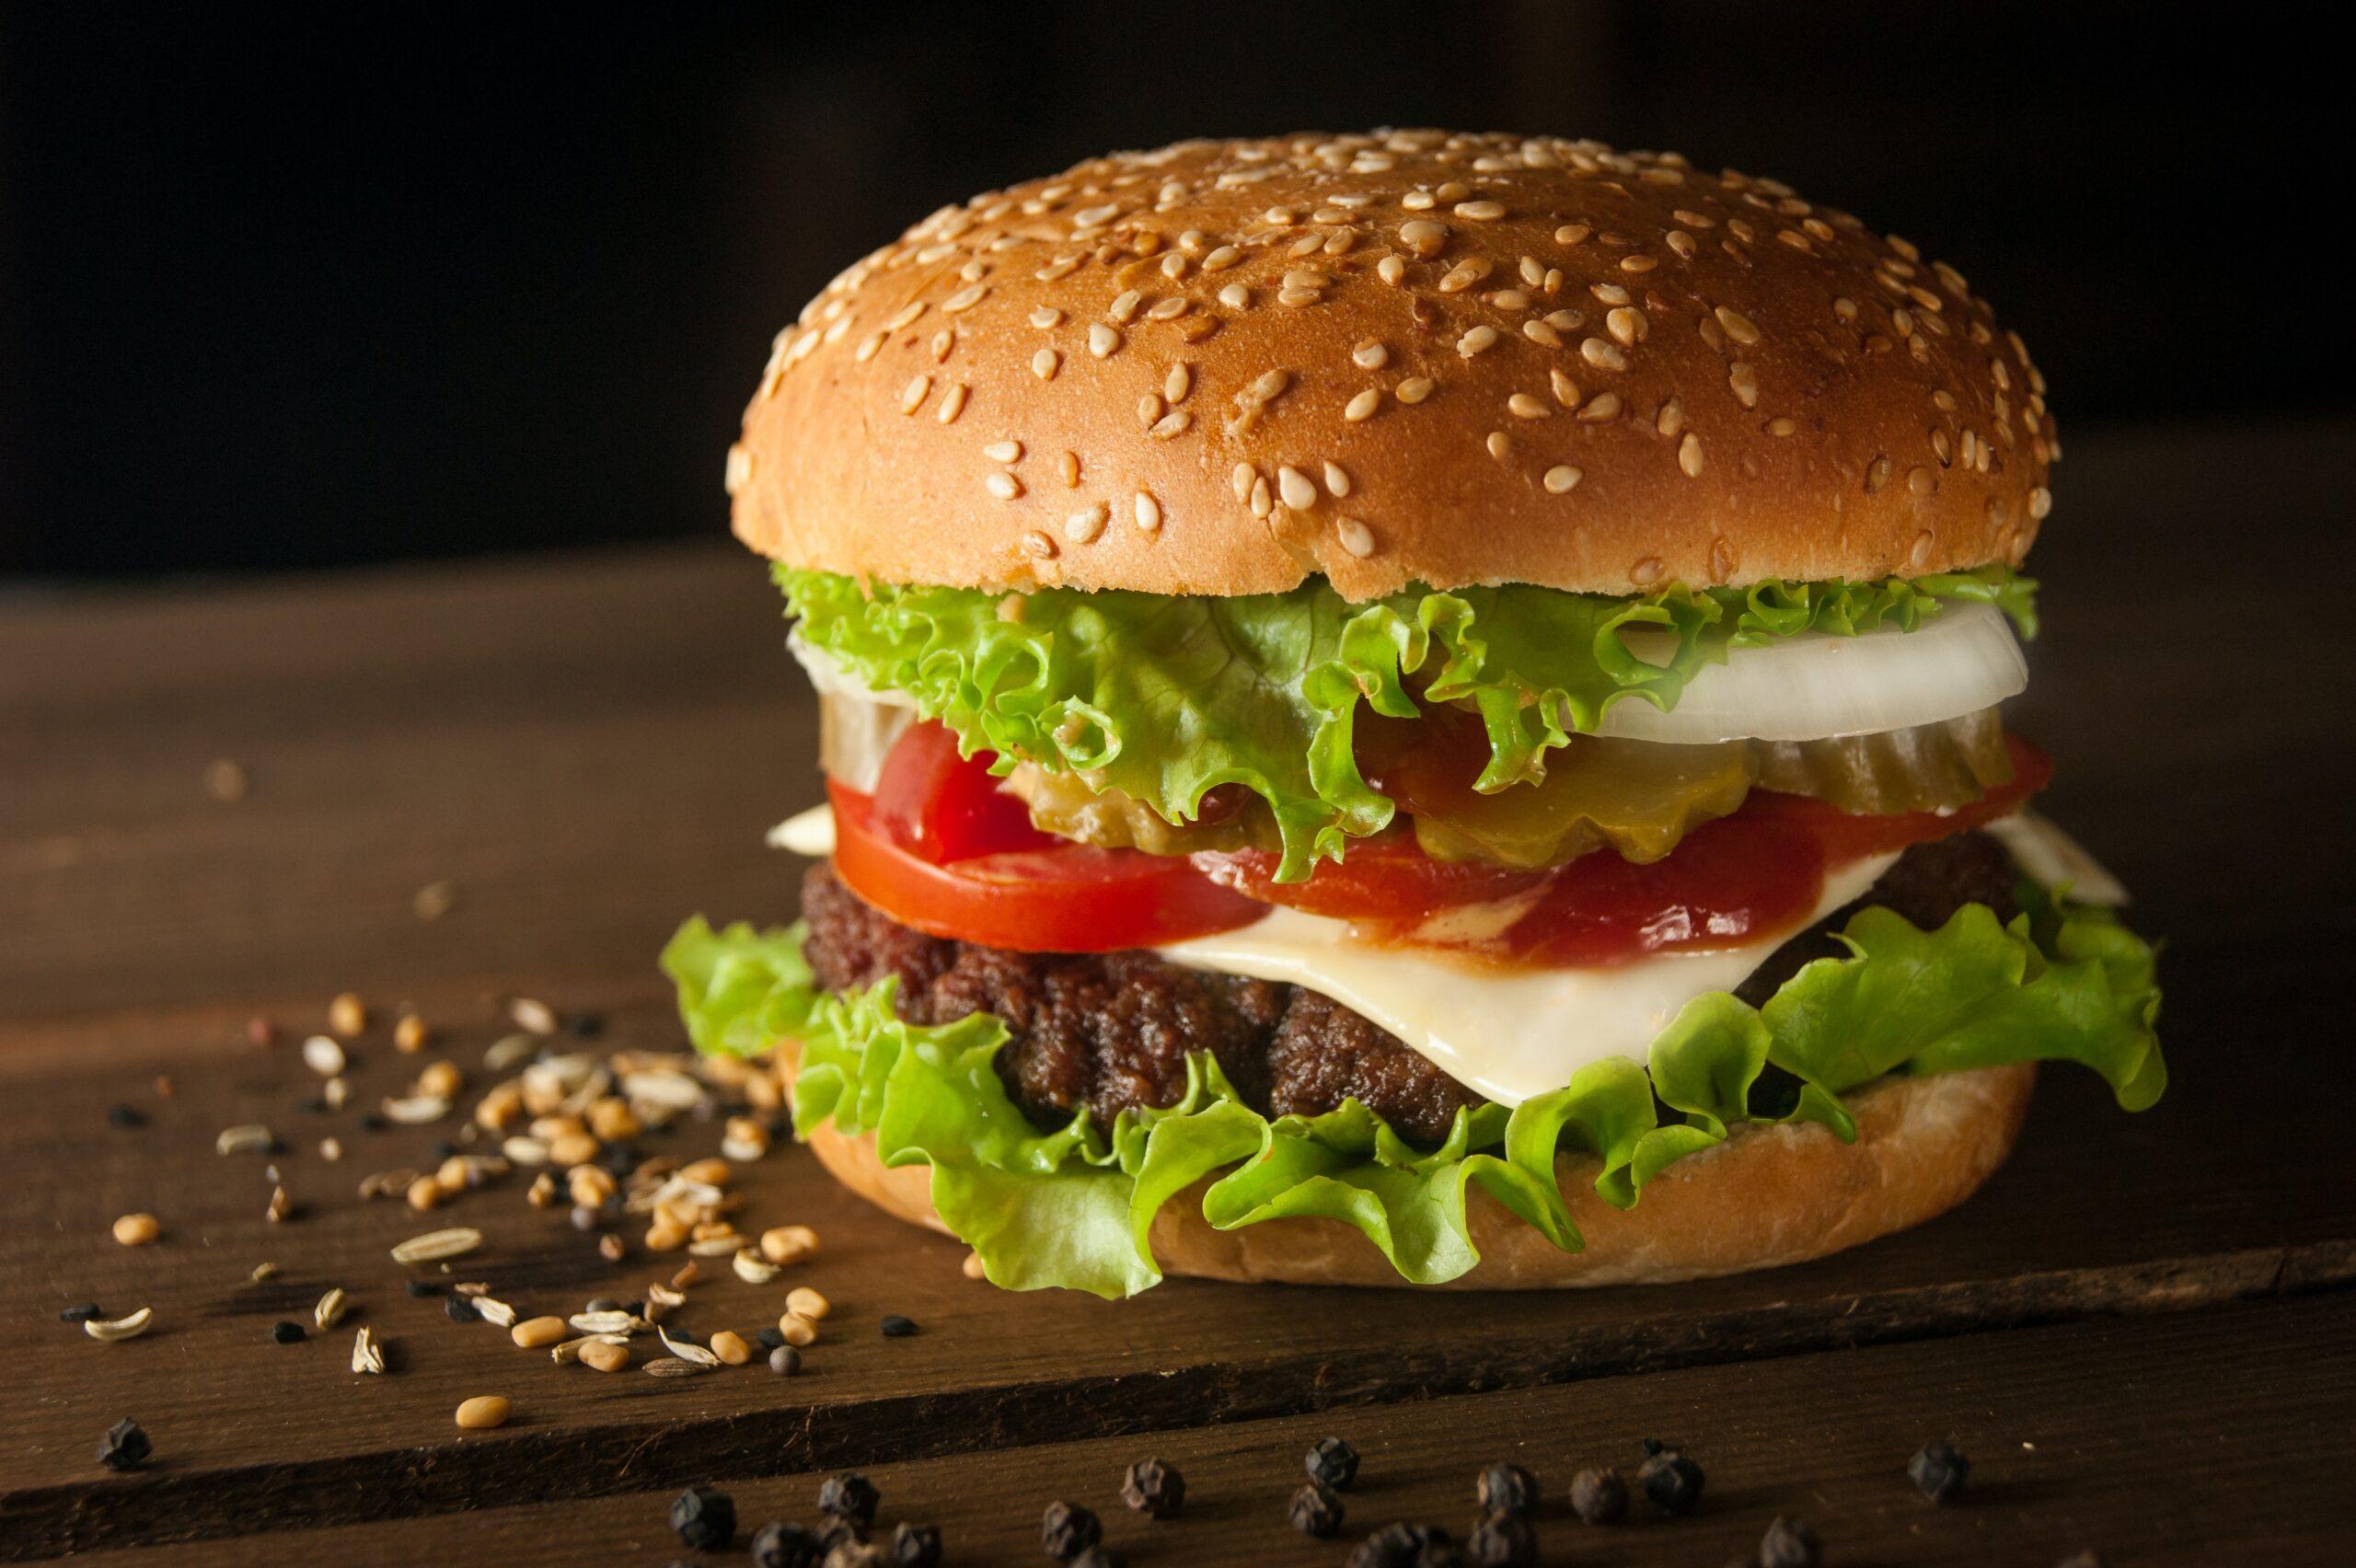 BURGER-FOOD-MEAT-INTERNET-BULL-REPORT